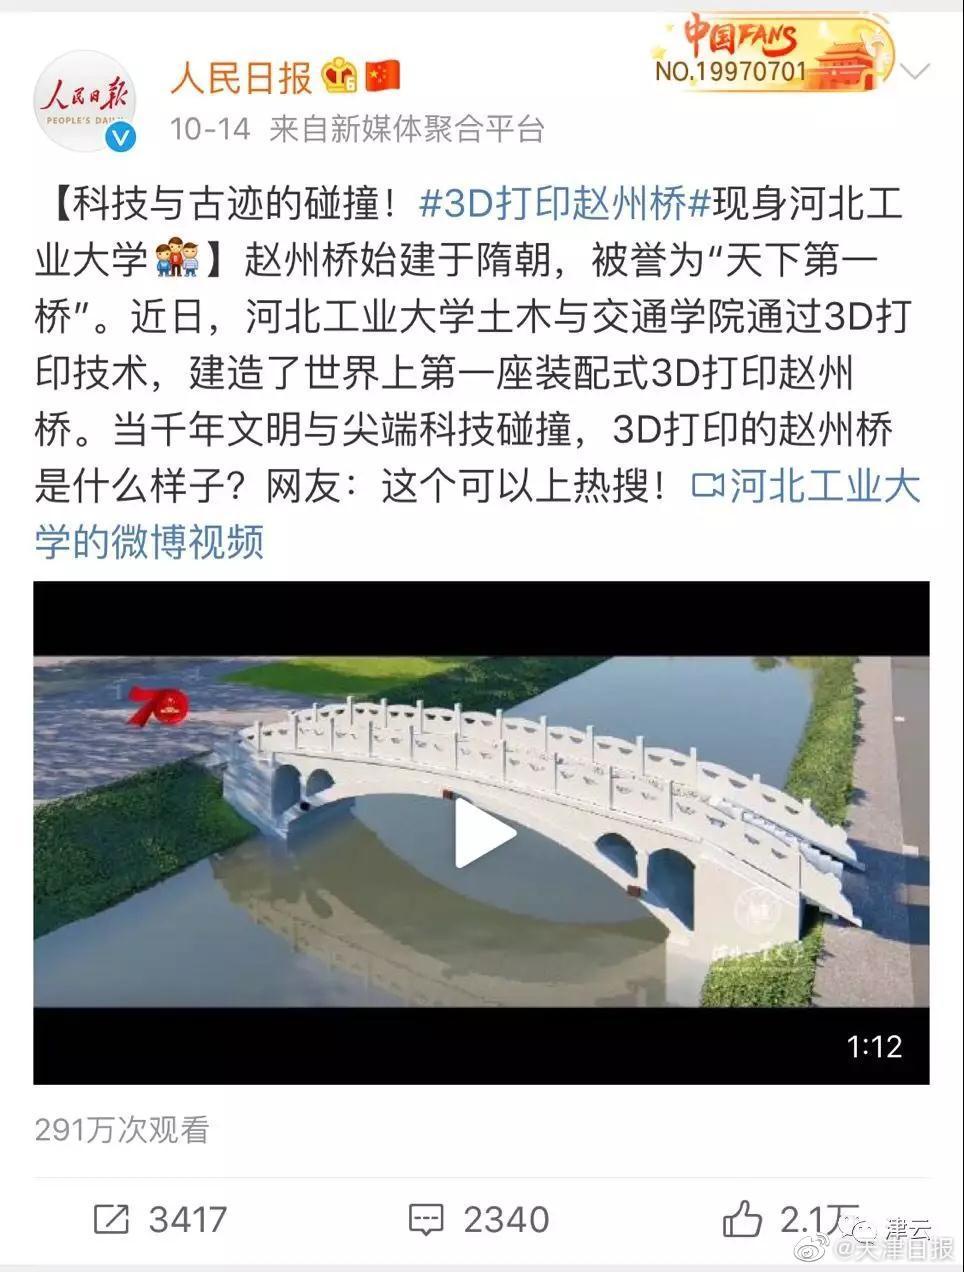 被人民日报点名的3D打印赵州桥亮相天津!网友:这个可以上热搜